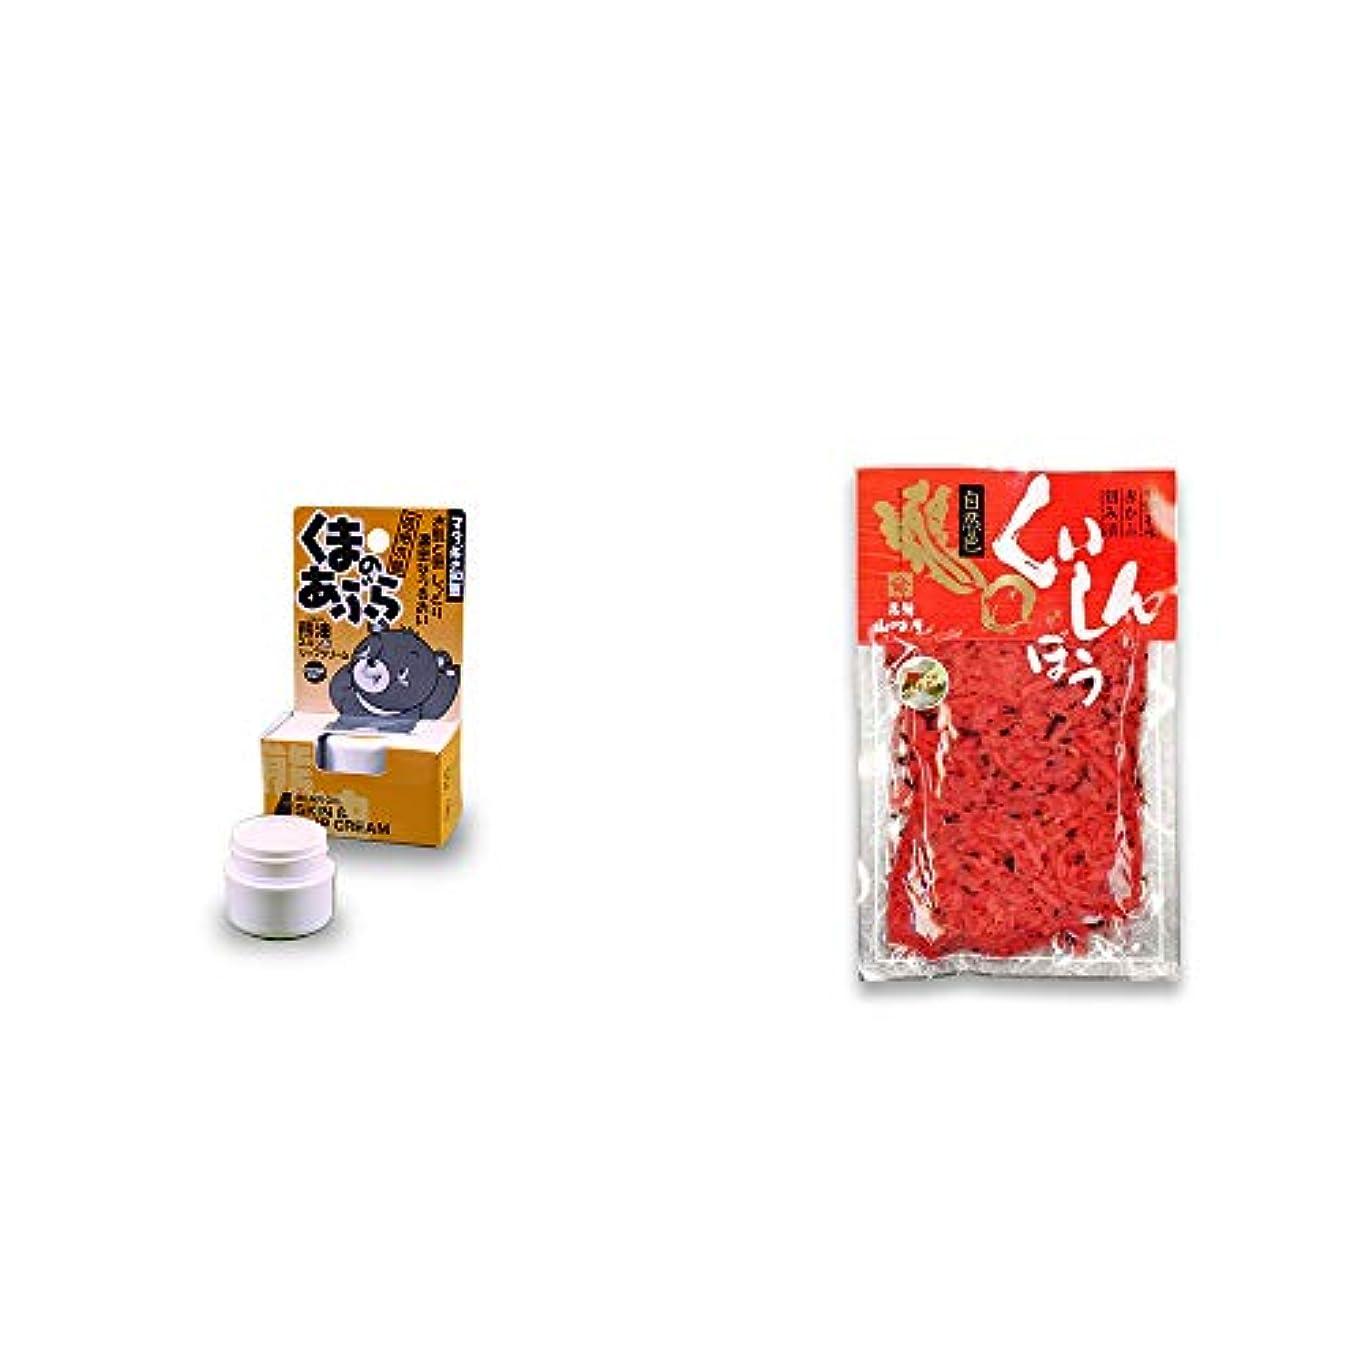 ベーリング海峡天気喜んで[2点セット] 信州木曽 くまのあぶら 熊油スキン&リップクリーム(9g)?飛騨山味屋 くいしんぼう【小】 (160g)